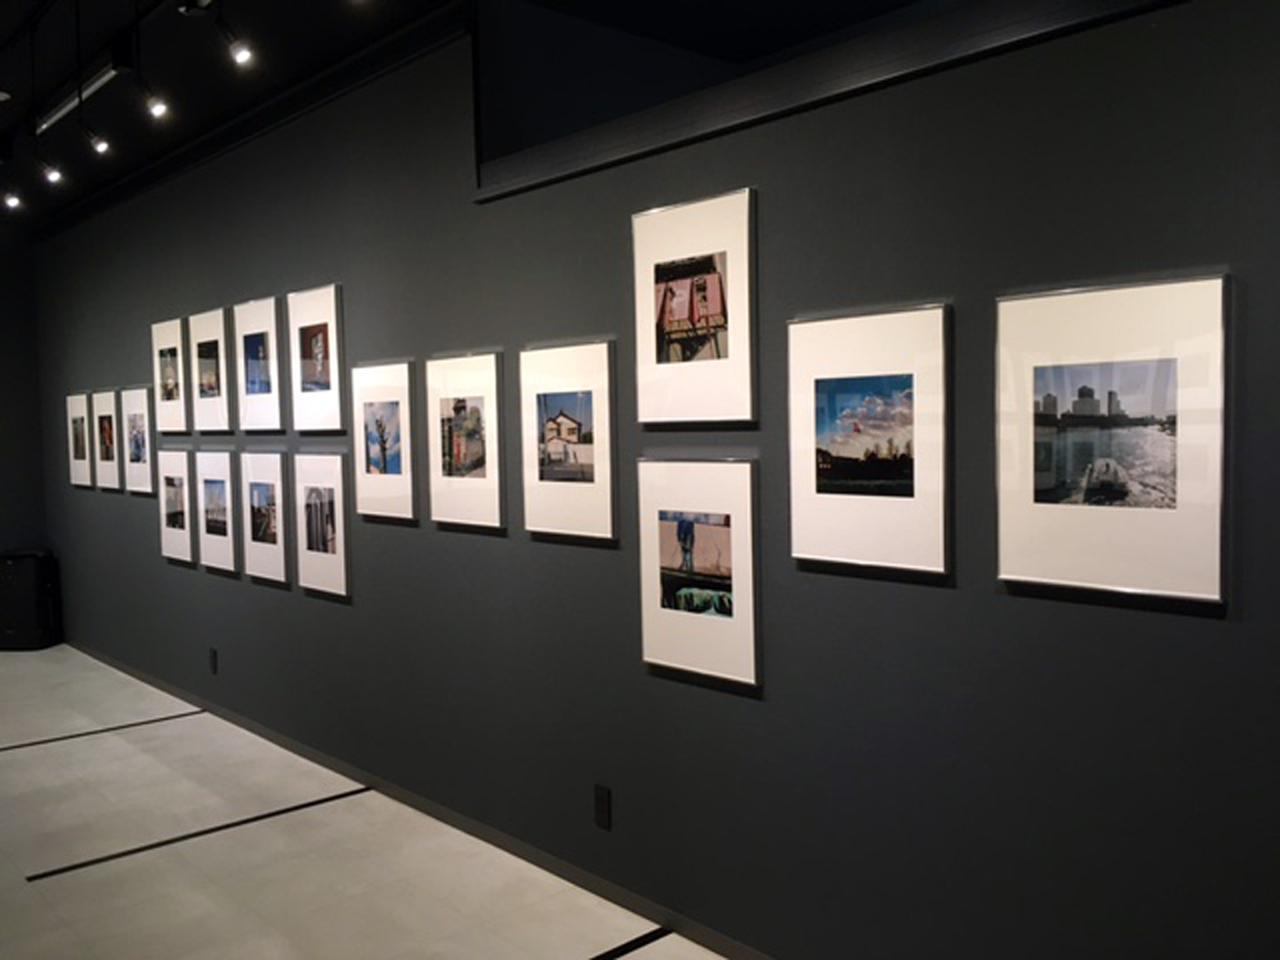 """画像1: 赤城耕一写真展『録々』。録々は""""ろくろく""""と読みます。6×6サイズのカメラで撮りためた作品群の展示です。"""